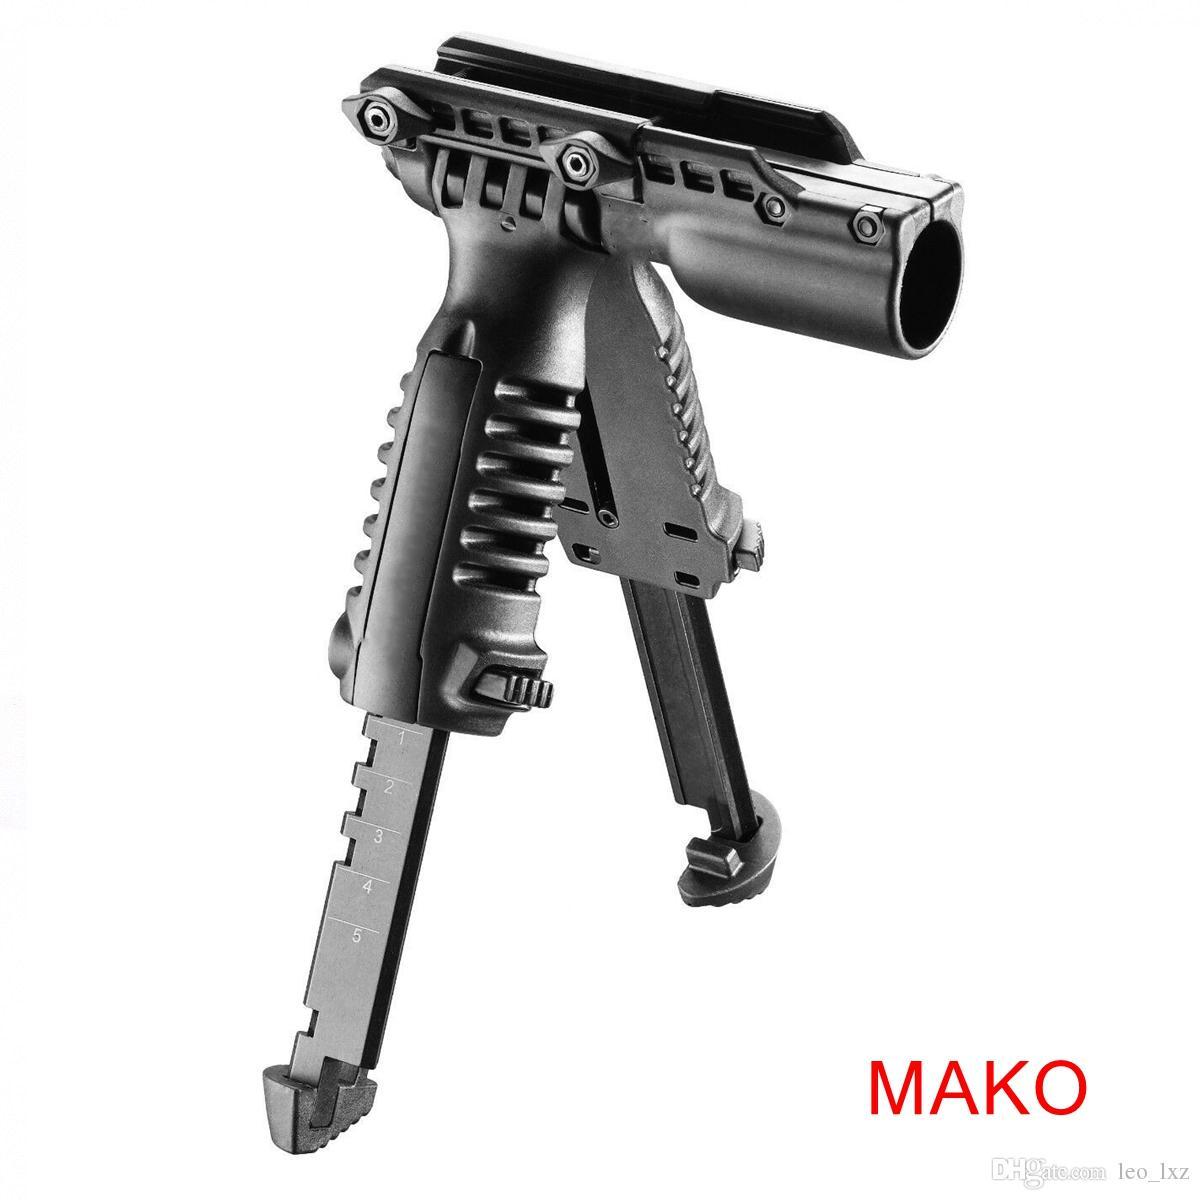 Pince à mâcher Mako avec bipied réglable intégré et 1 adaptateur pour lampe de poche